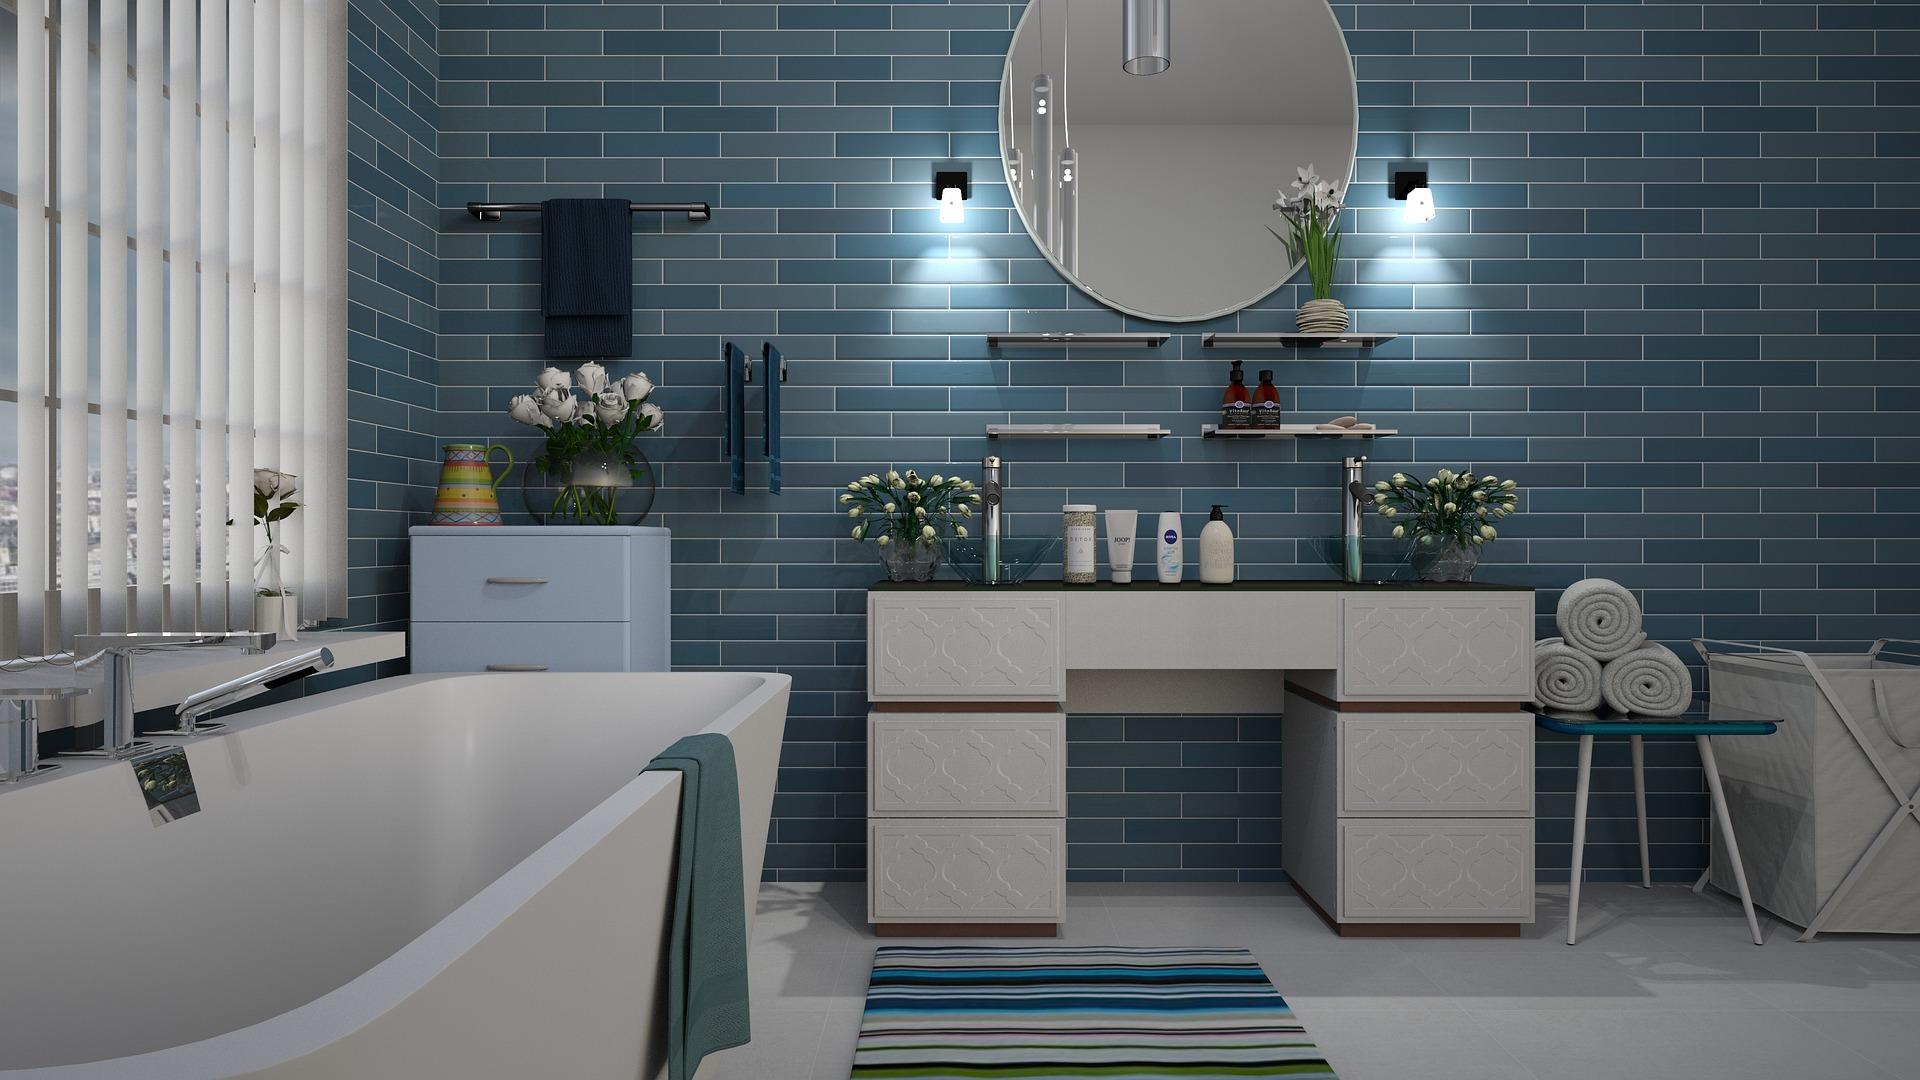 Badeværelse design. Indhent et godt tilbud via www.flisebent.dk